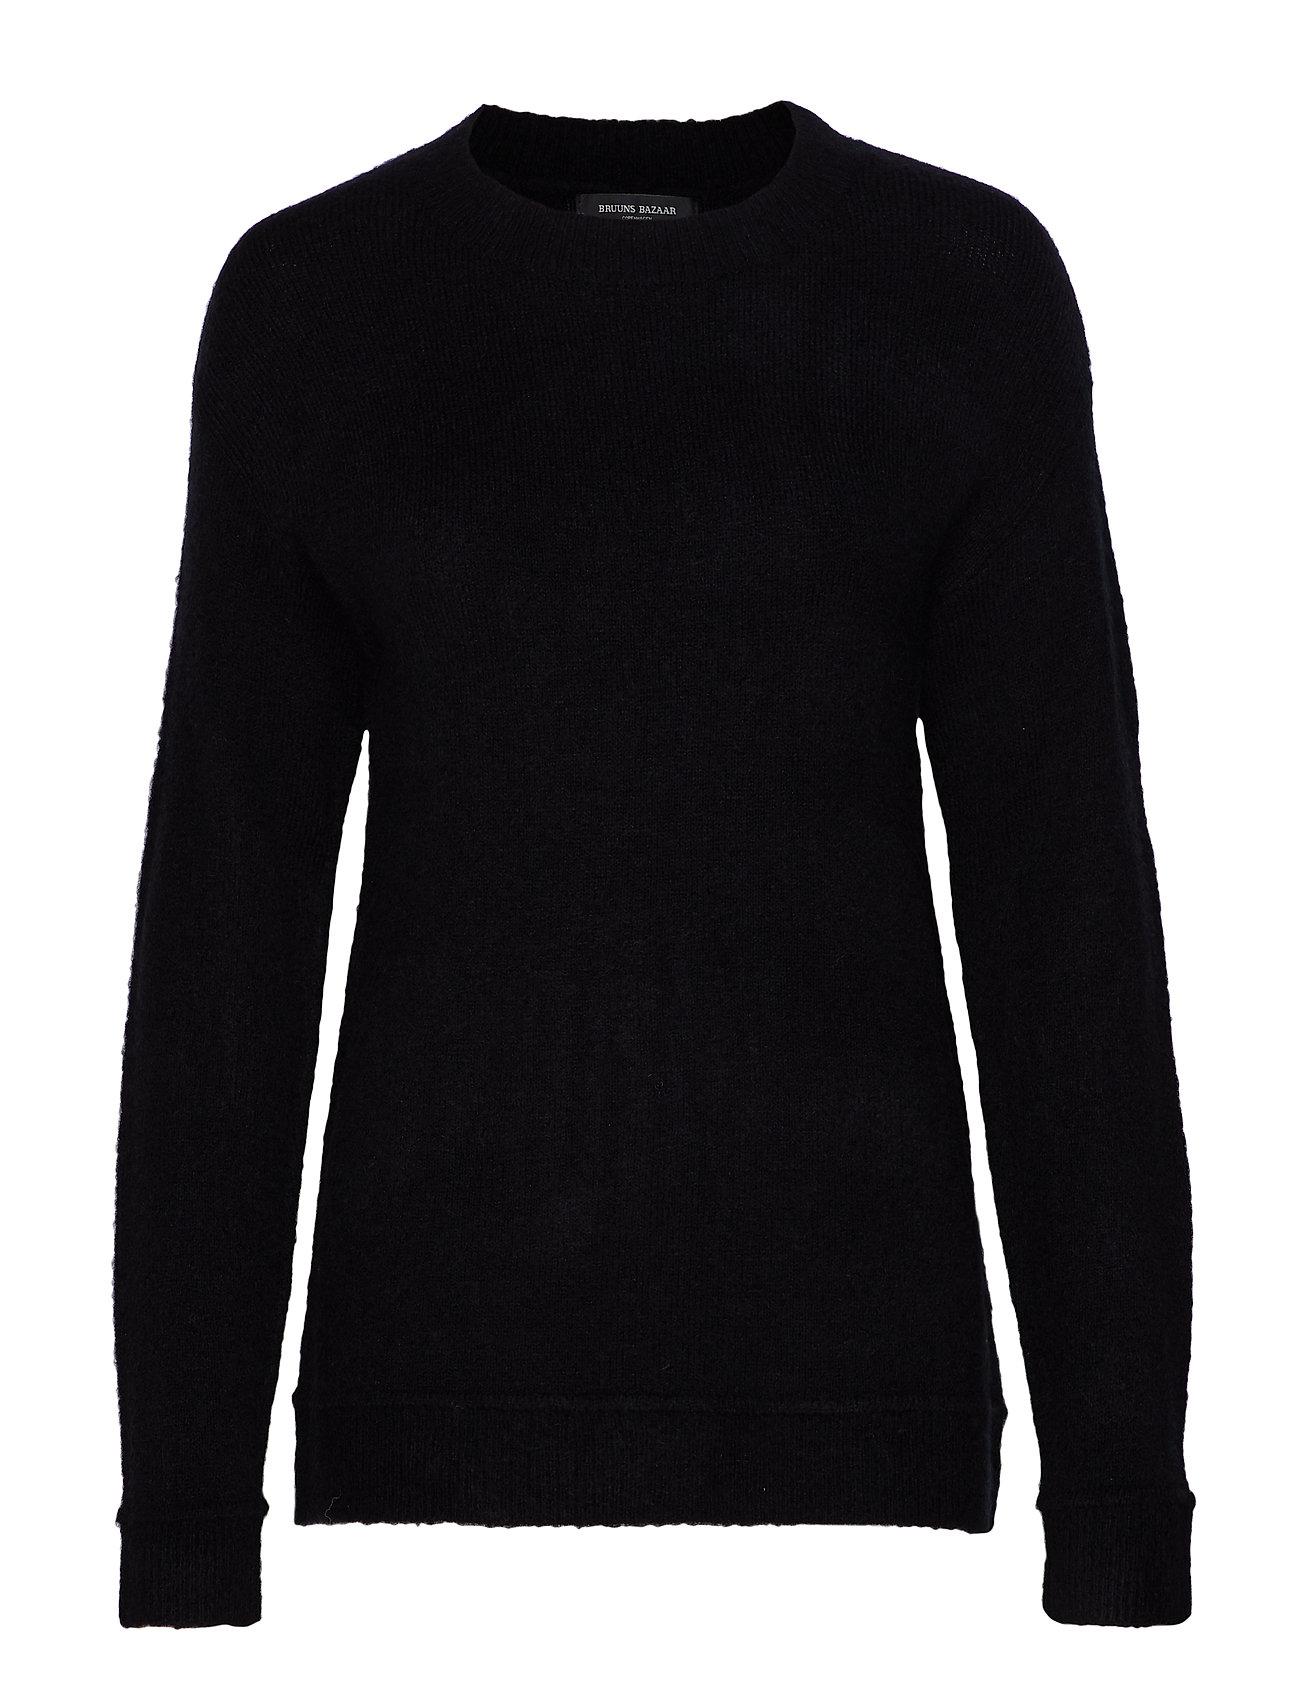 Bruuns Bazaar Holly Johanne Pullover - BLACK